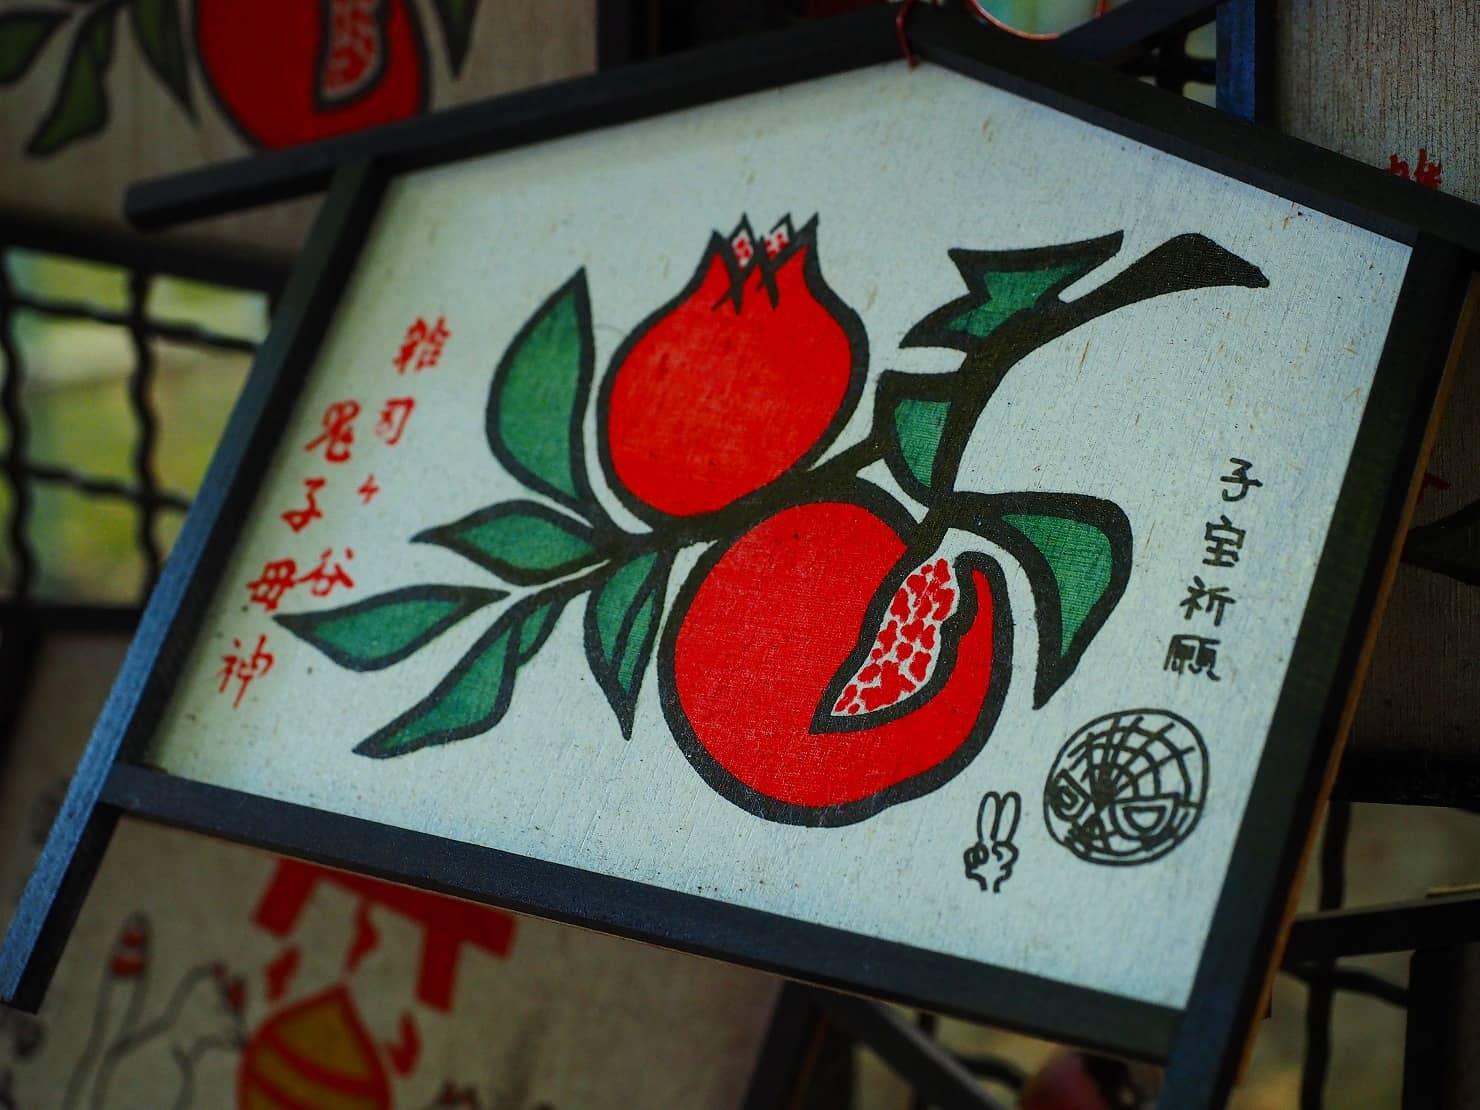 東京都内で人気の子宝神社、子授け寺はどこ? お守りはある? 人気ランキング形式で紹介